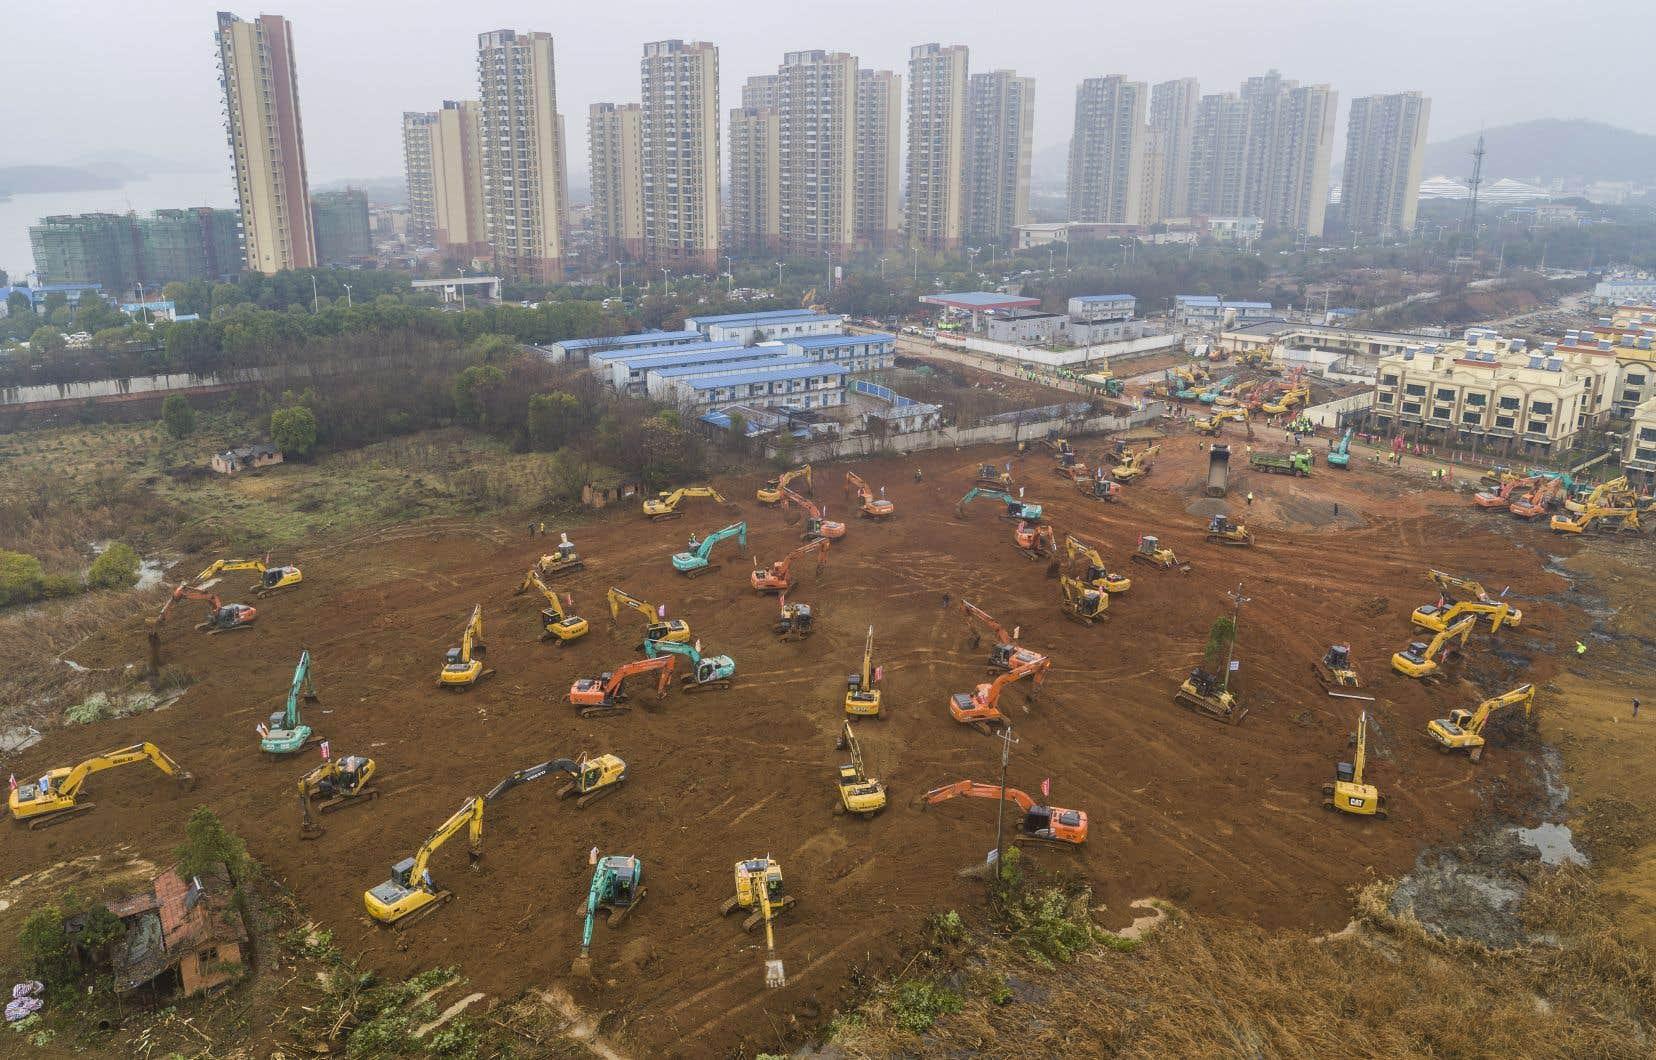 <p>Des dizaines d'engins de chantier étaient occupés à préparer le terrain sur lequel doit s'élever l'établissement dans cette ville de 11millions d'habitants au cœur de l'épidémie.</p>